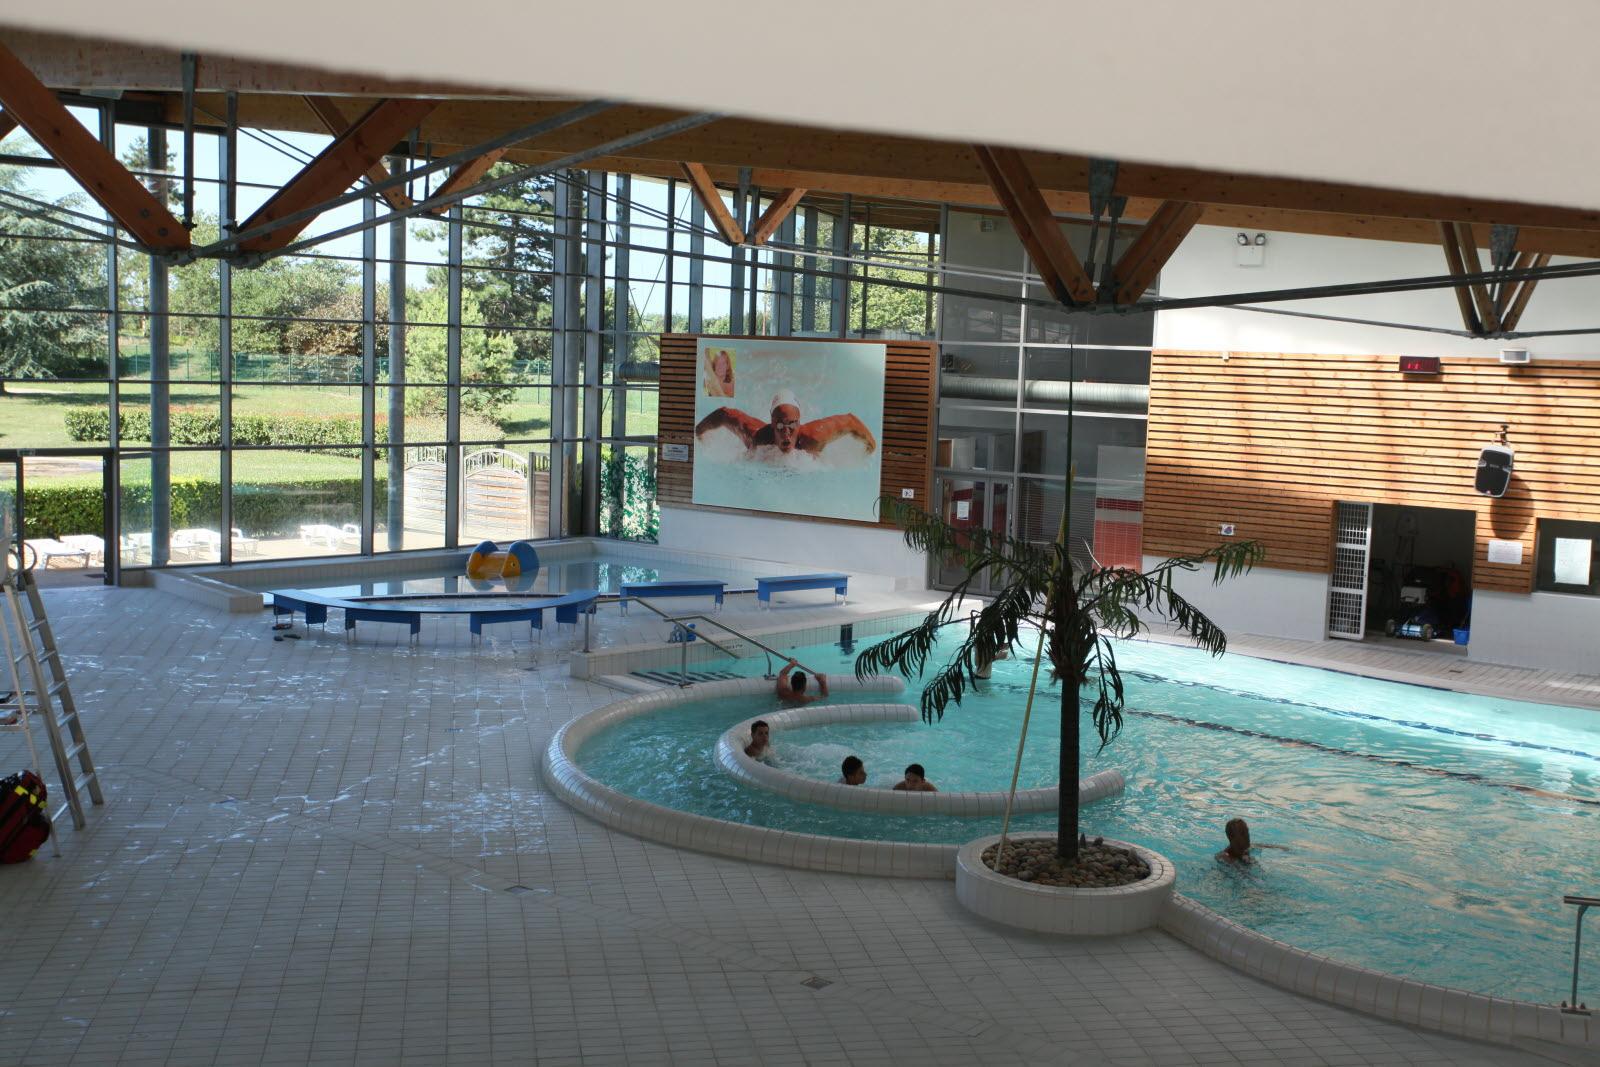 Ain | Ambérieu-En-Bugey : Bientôt, L'eau De La Piscine Sera ... intérieur Piscine Amberieu